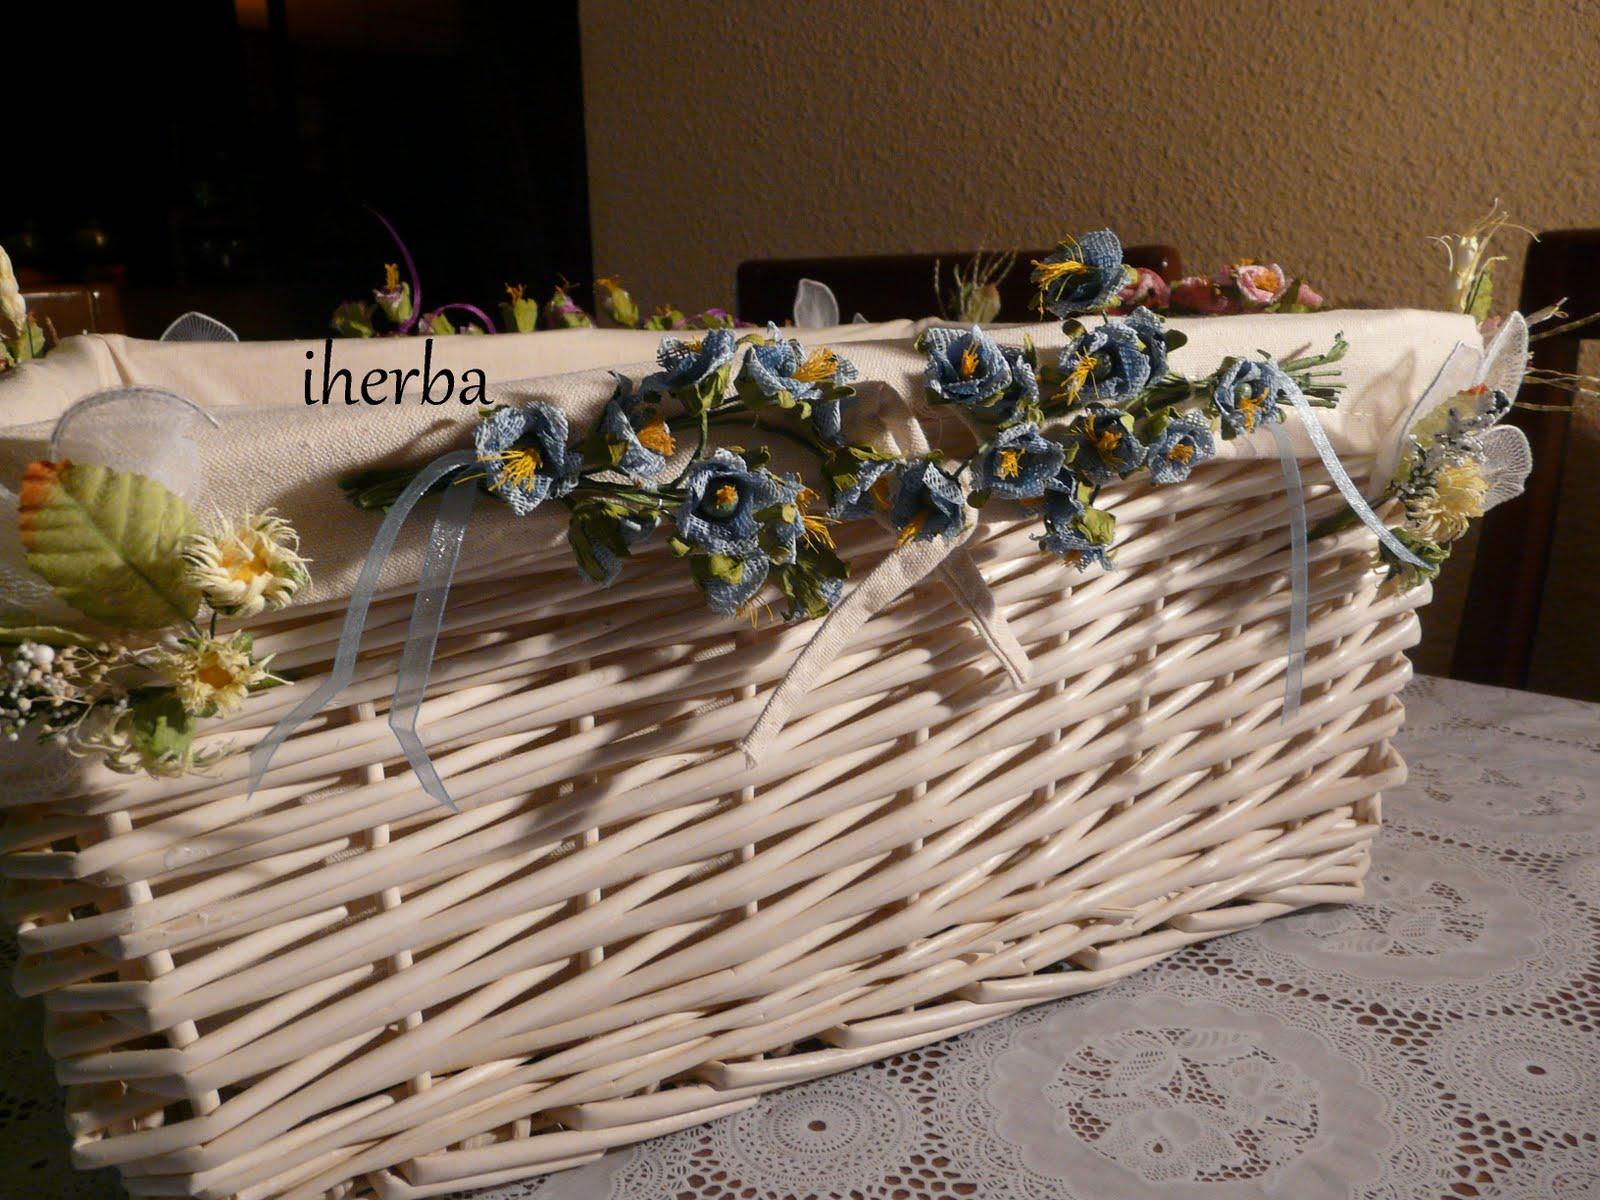 El mundo de las creaciones de iherba julio mes de bodas - Adornar cestas de mimbre ...